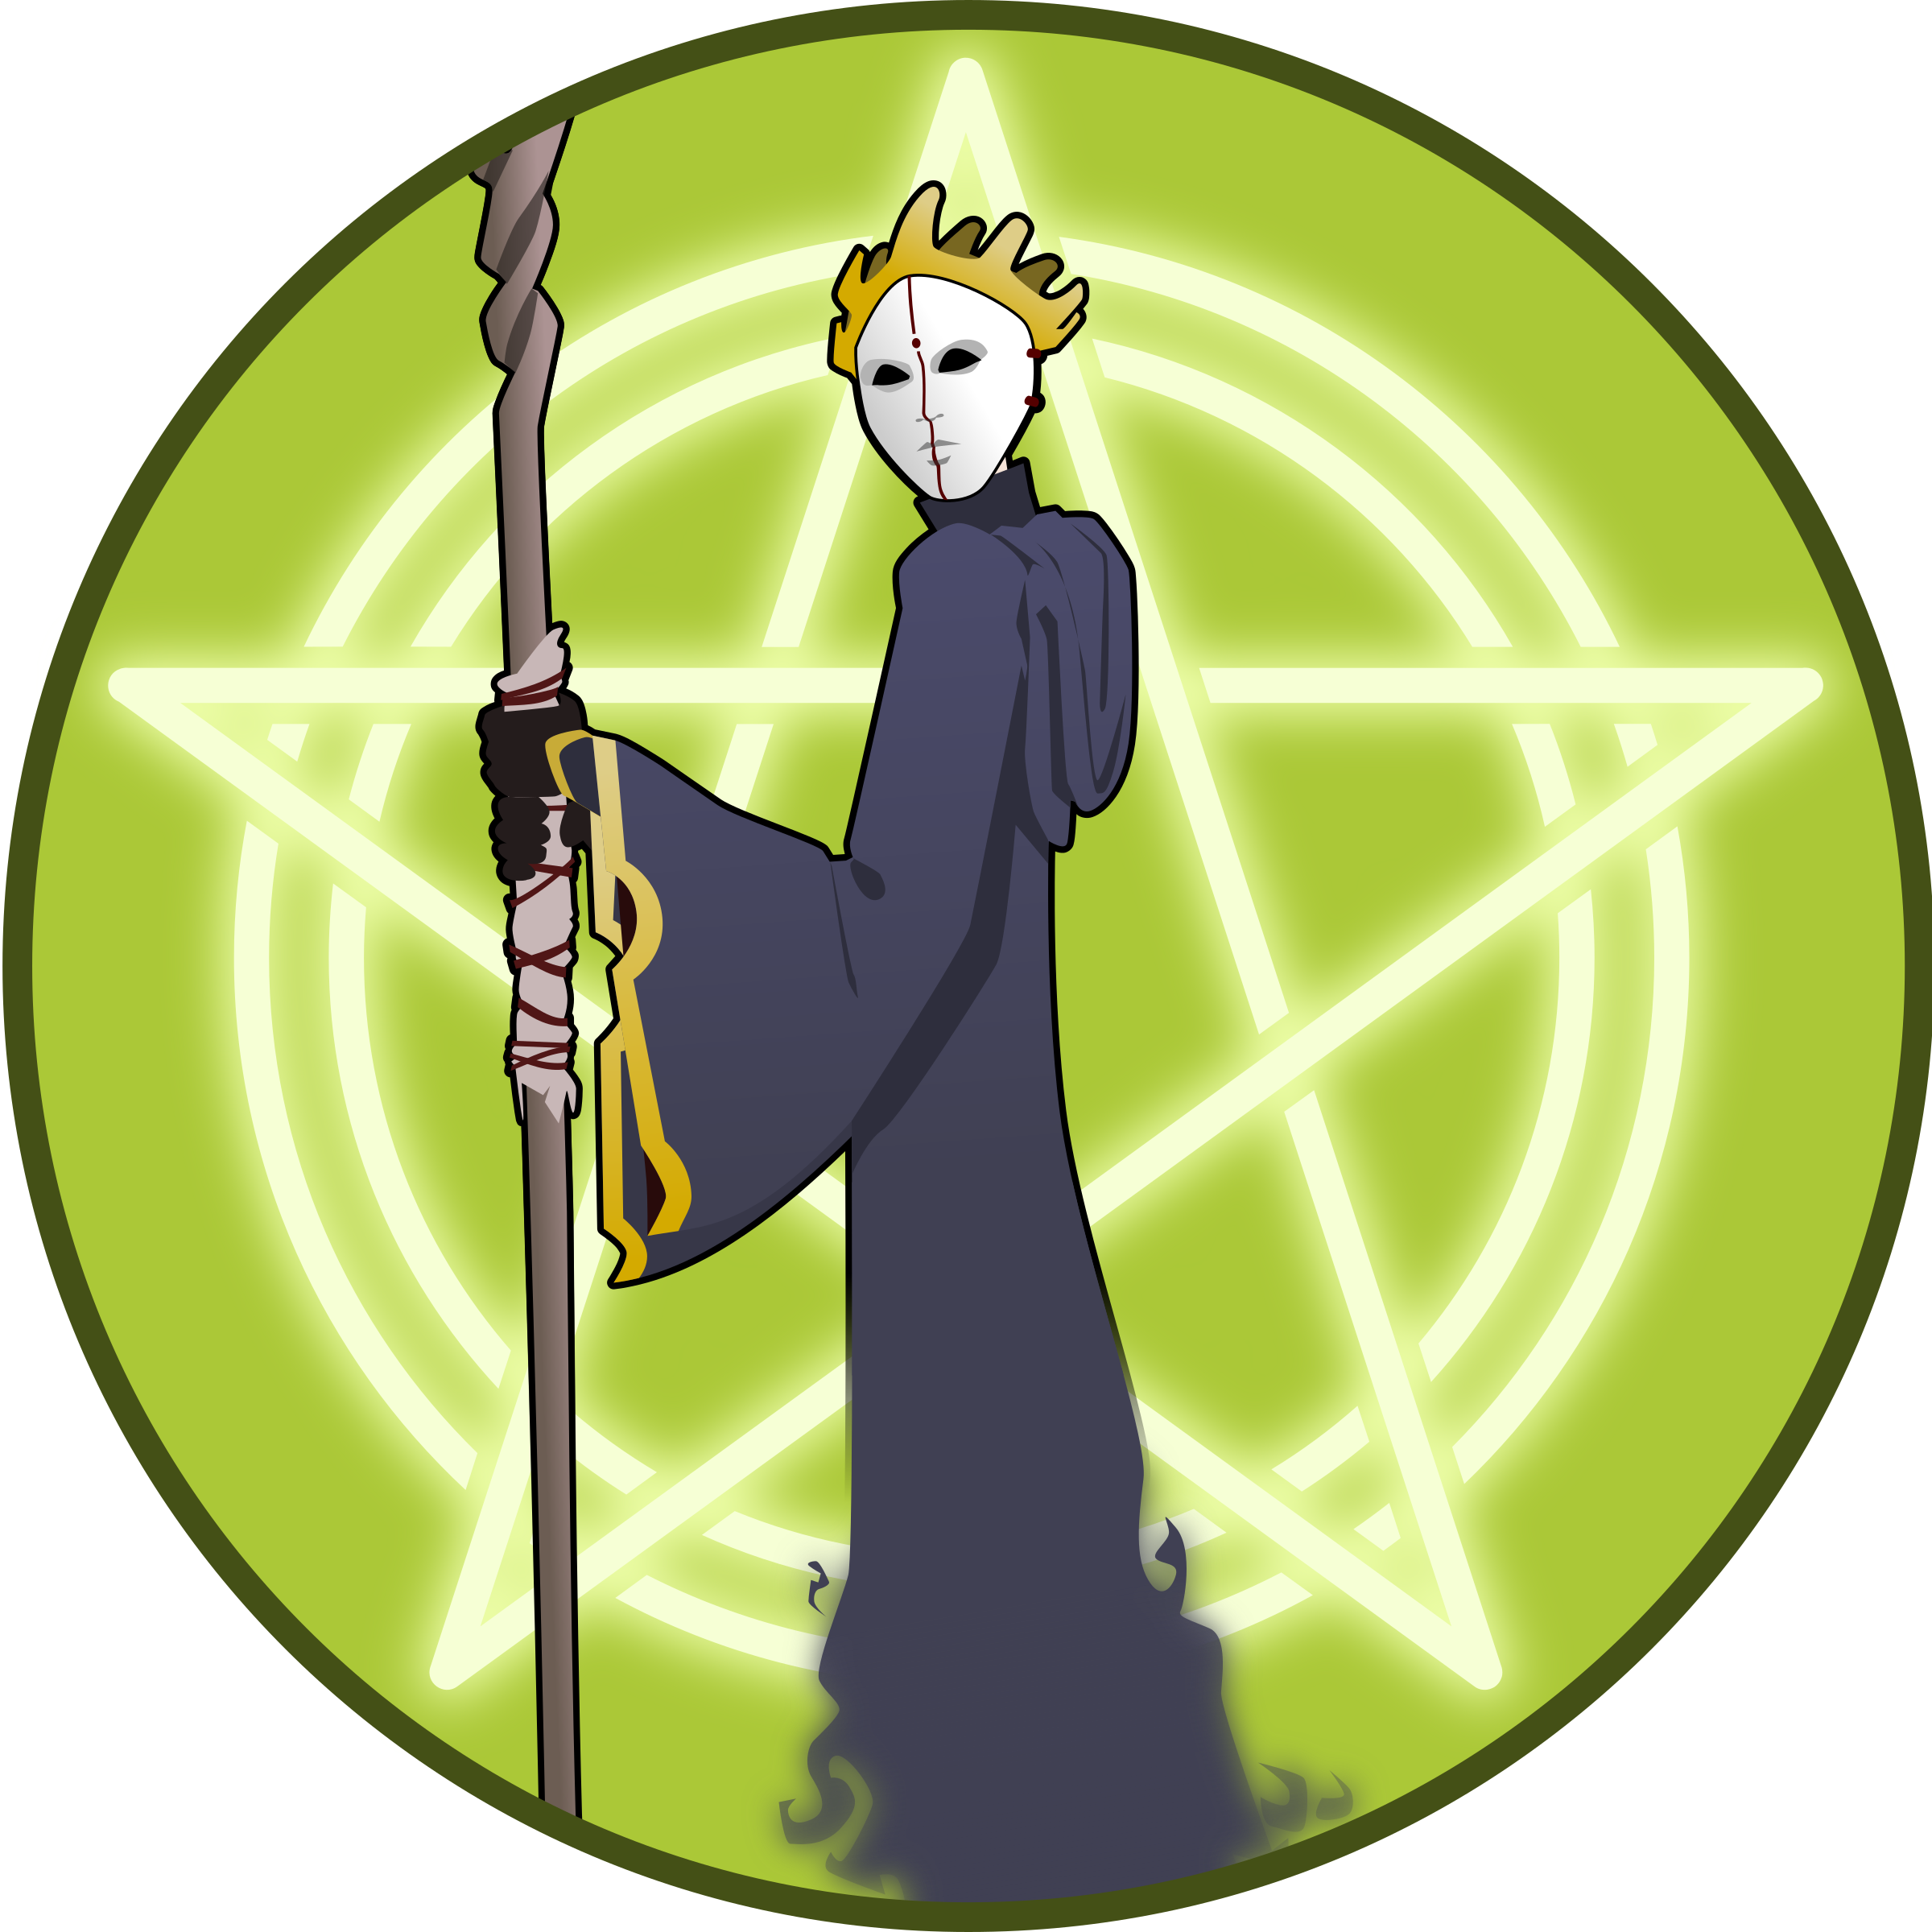 Magician clipart wizard. Emblem big image png